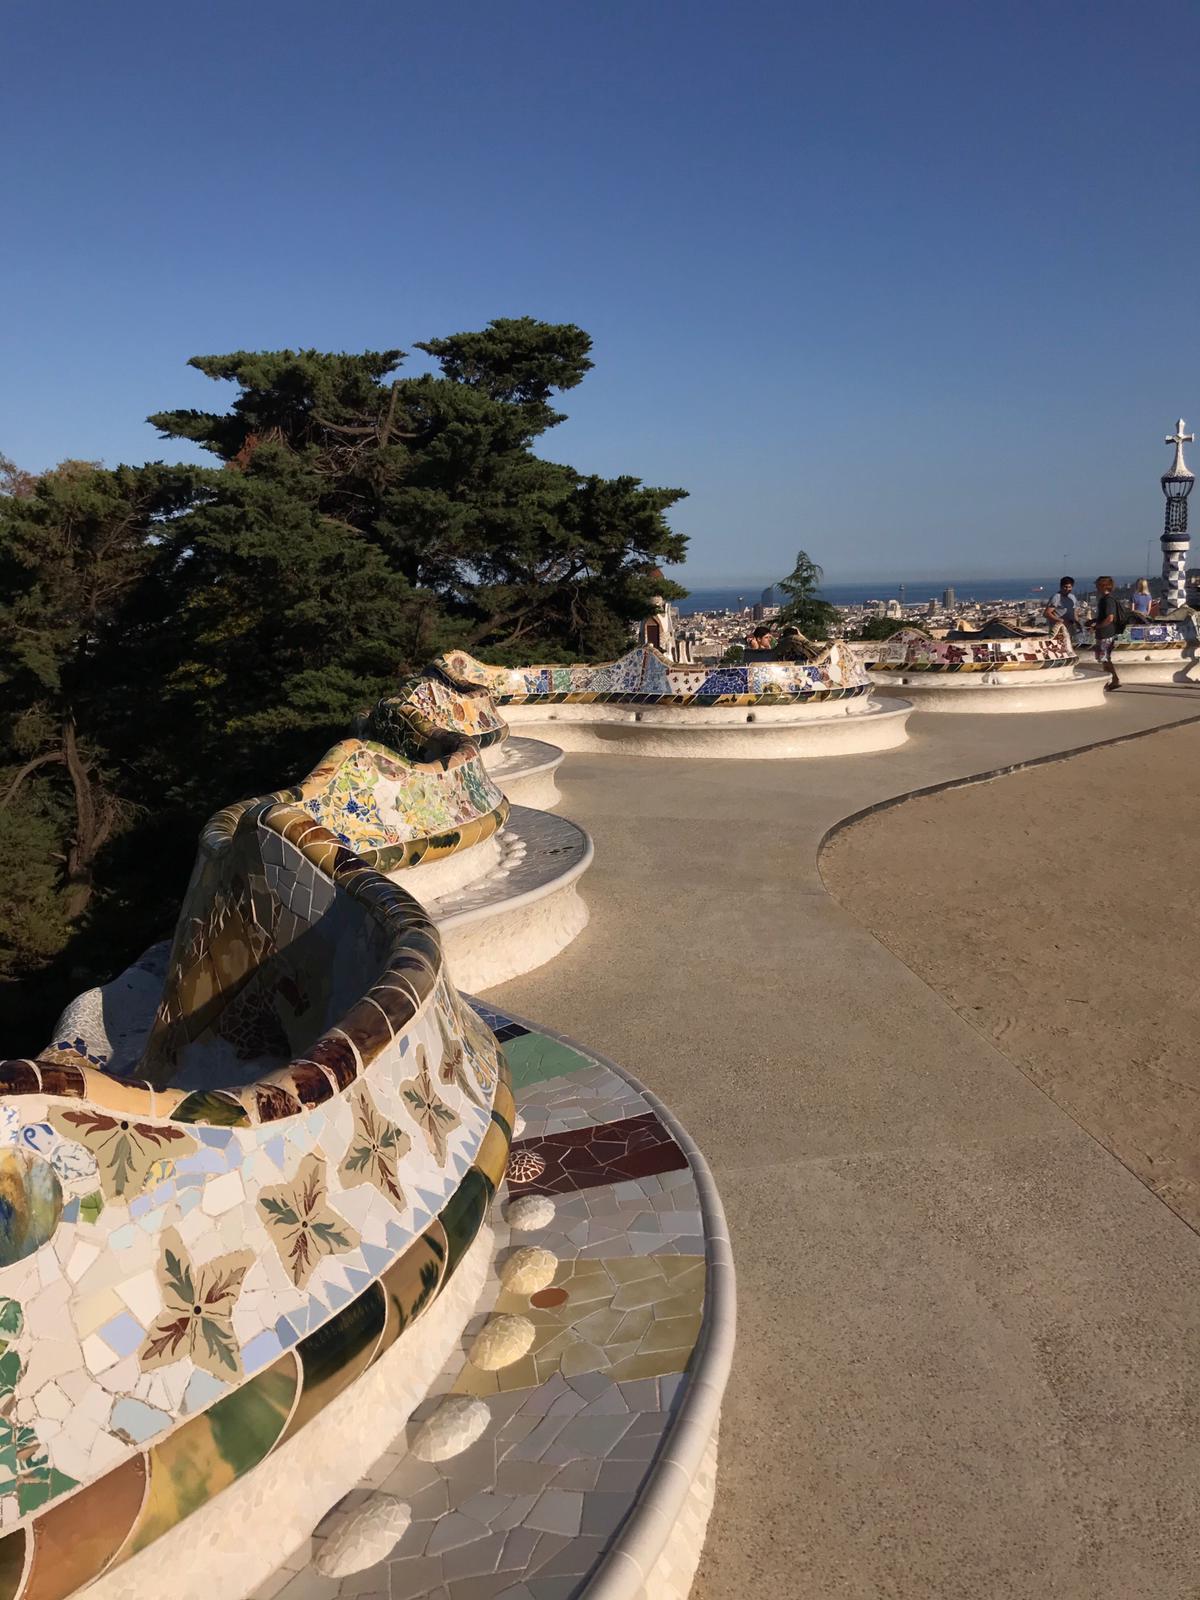 O miradouro do Parque Güell, um dos mais importantes pontos turísticos de Barcelona vazio no dia 25 de junho.